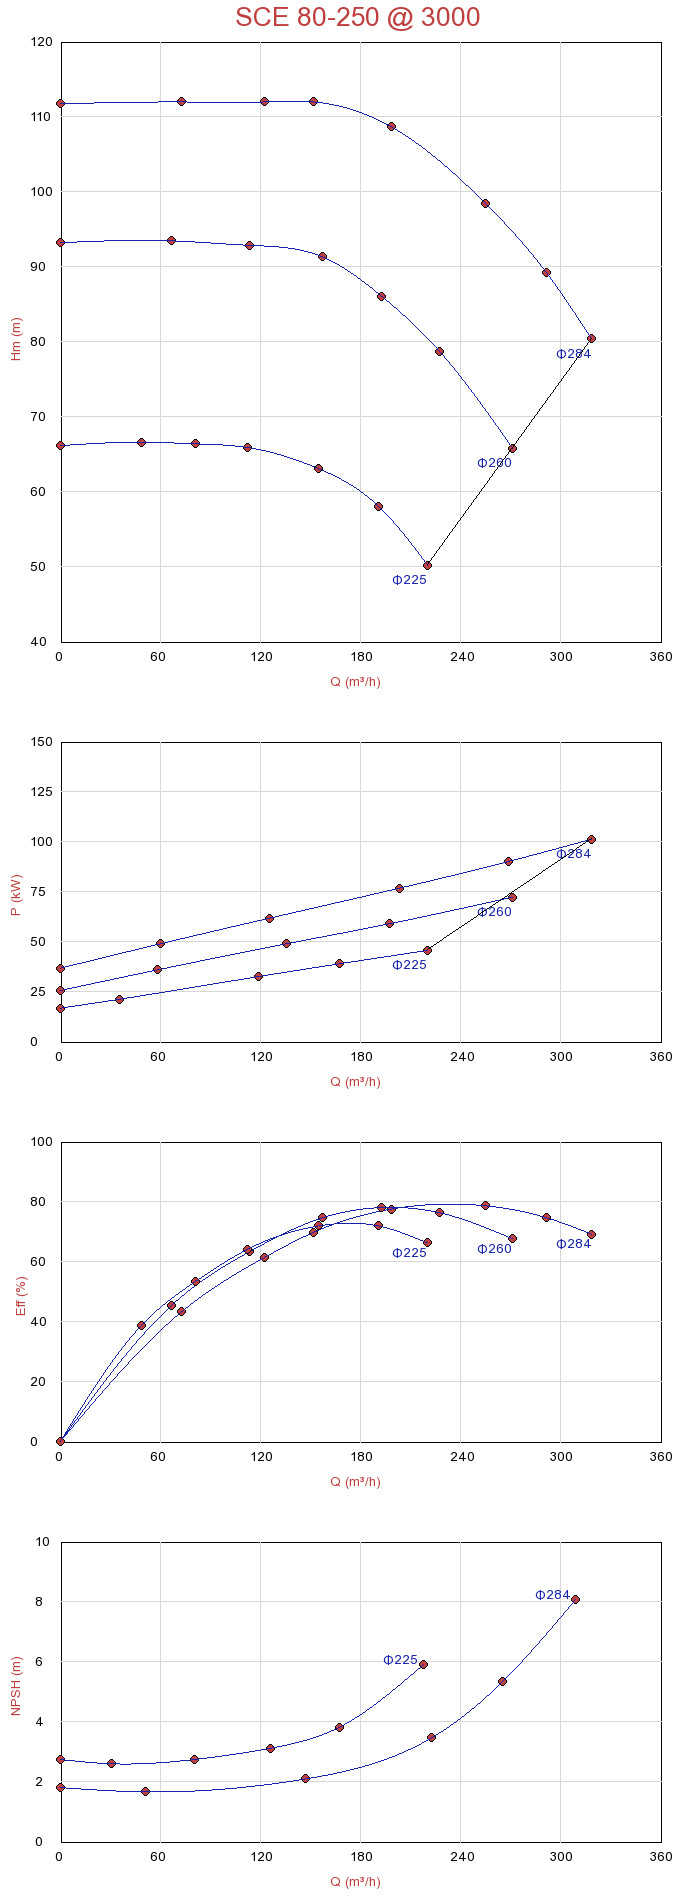 Biểu đồ lưu lượng của máy bơm ly tâm hút đôi Sempa SCE 80-250